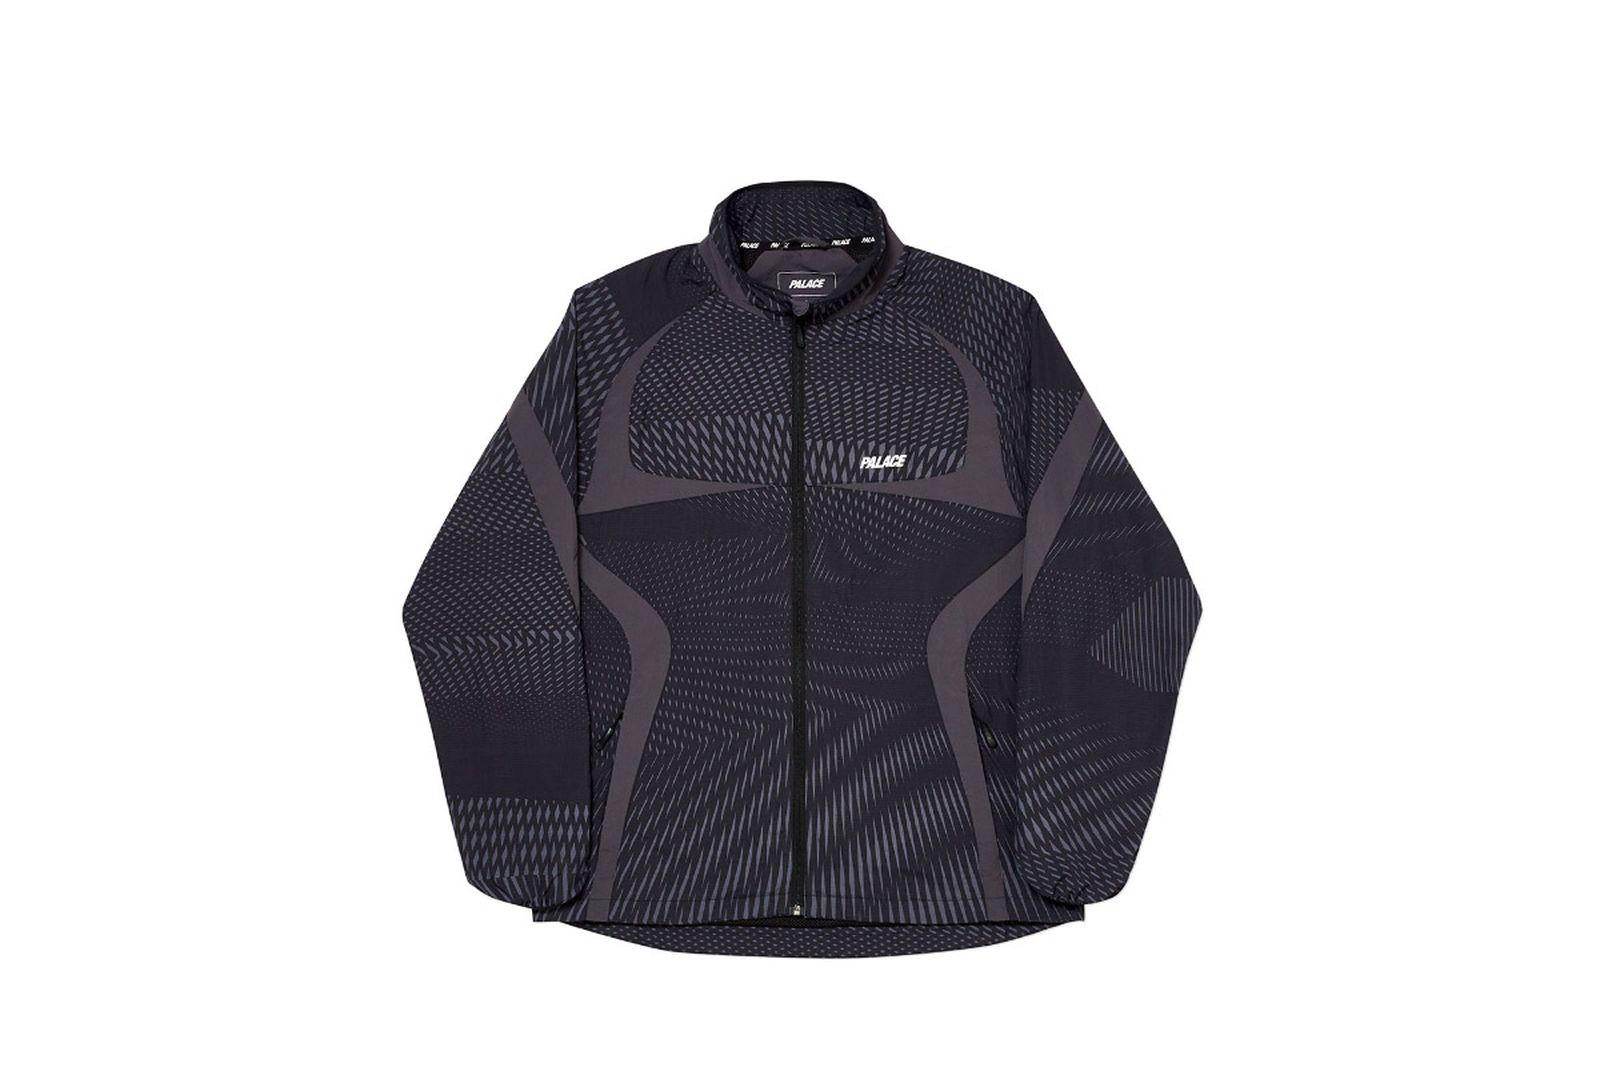 Palace 2019 Autumn Jacket Dazzler Shell black front